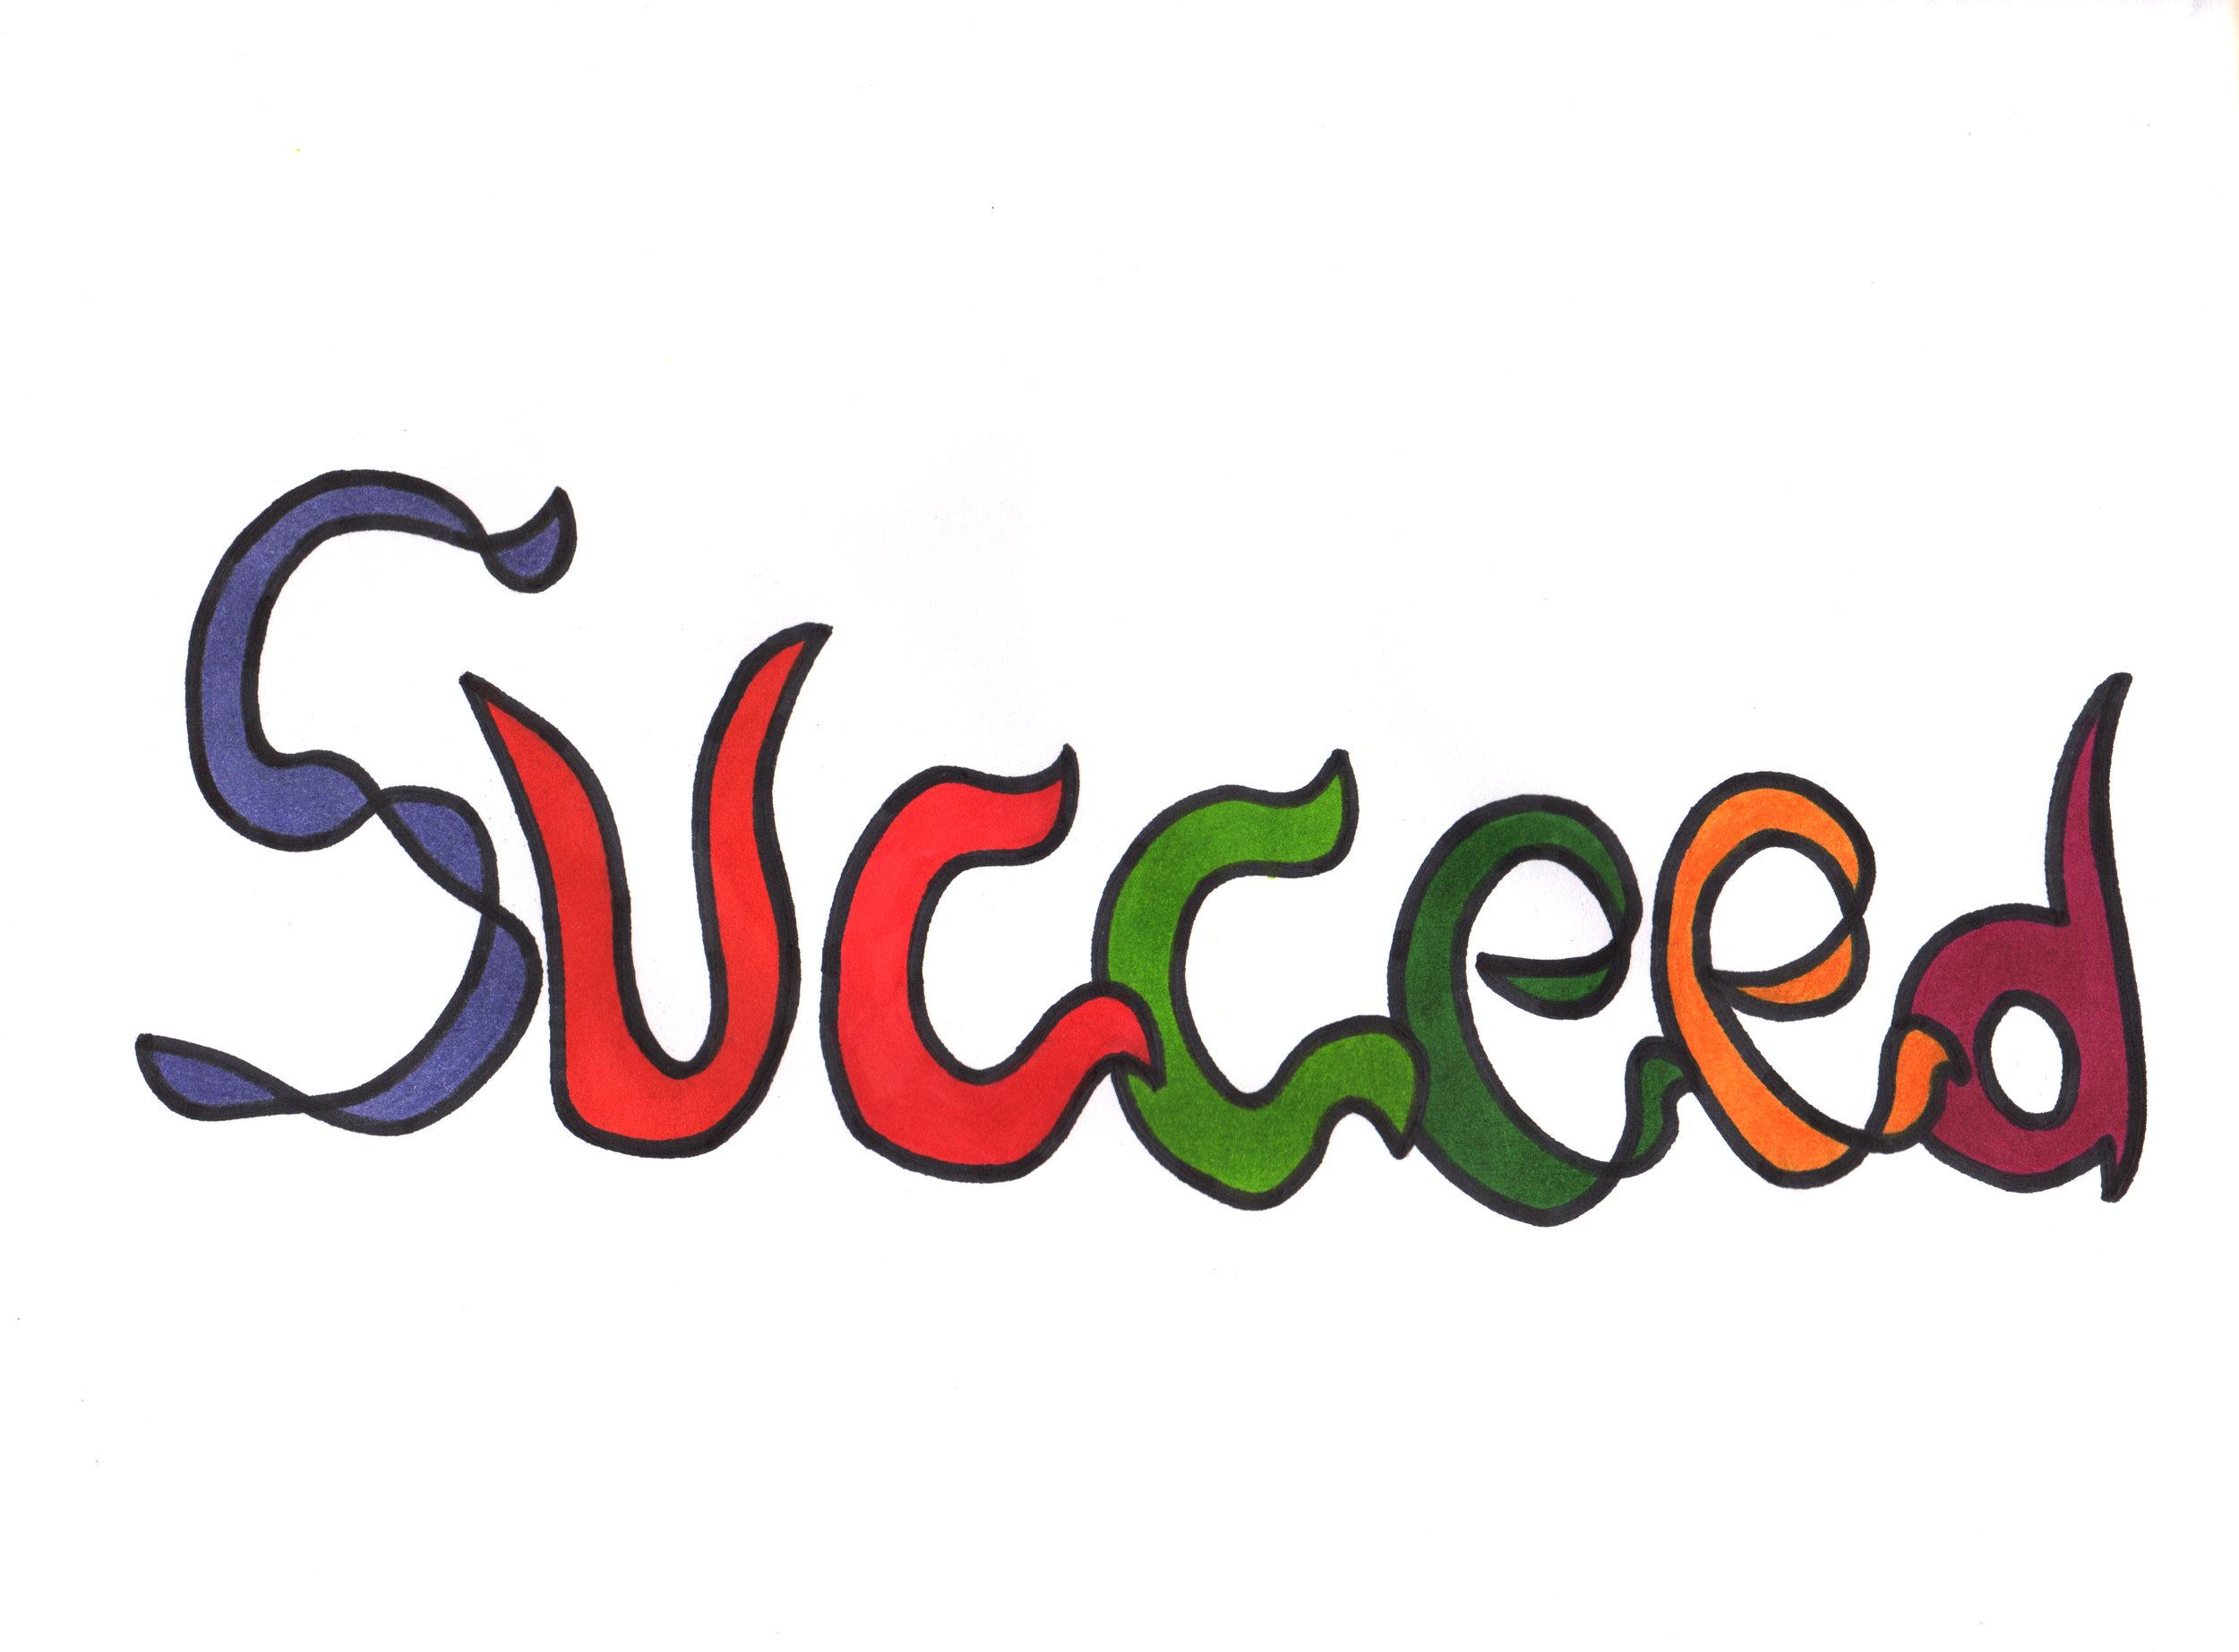 Succeed copy.jpeg